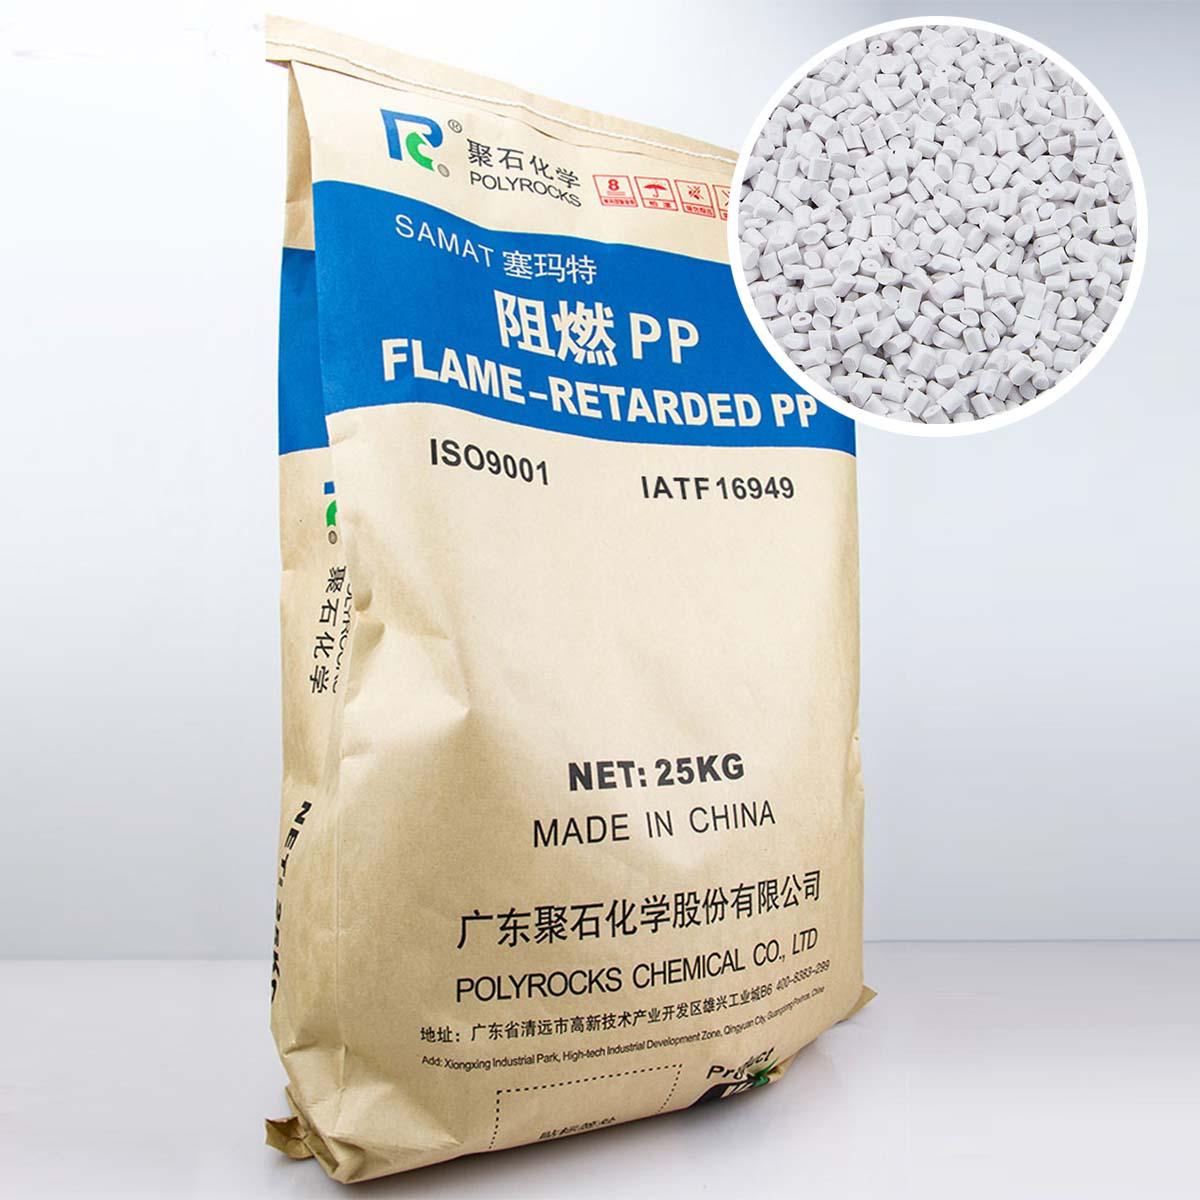 环保阻燃PP(V0)_5508(f1)